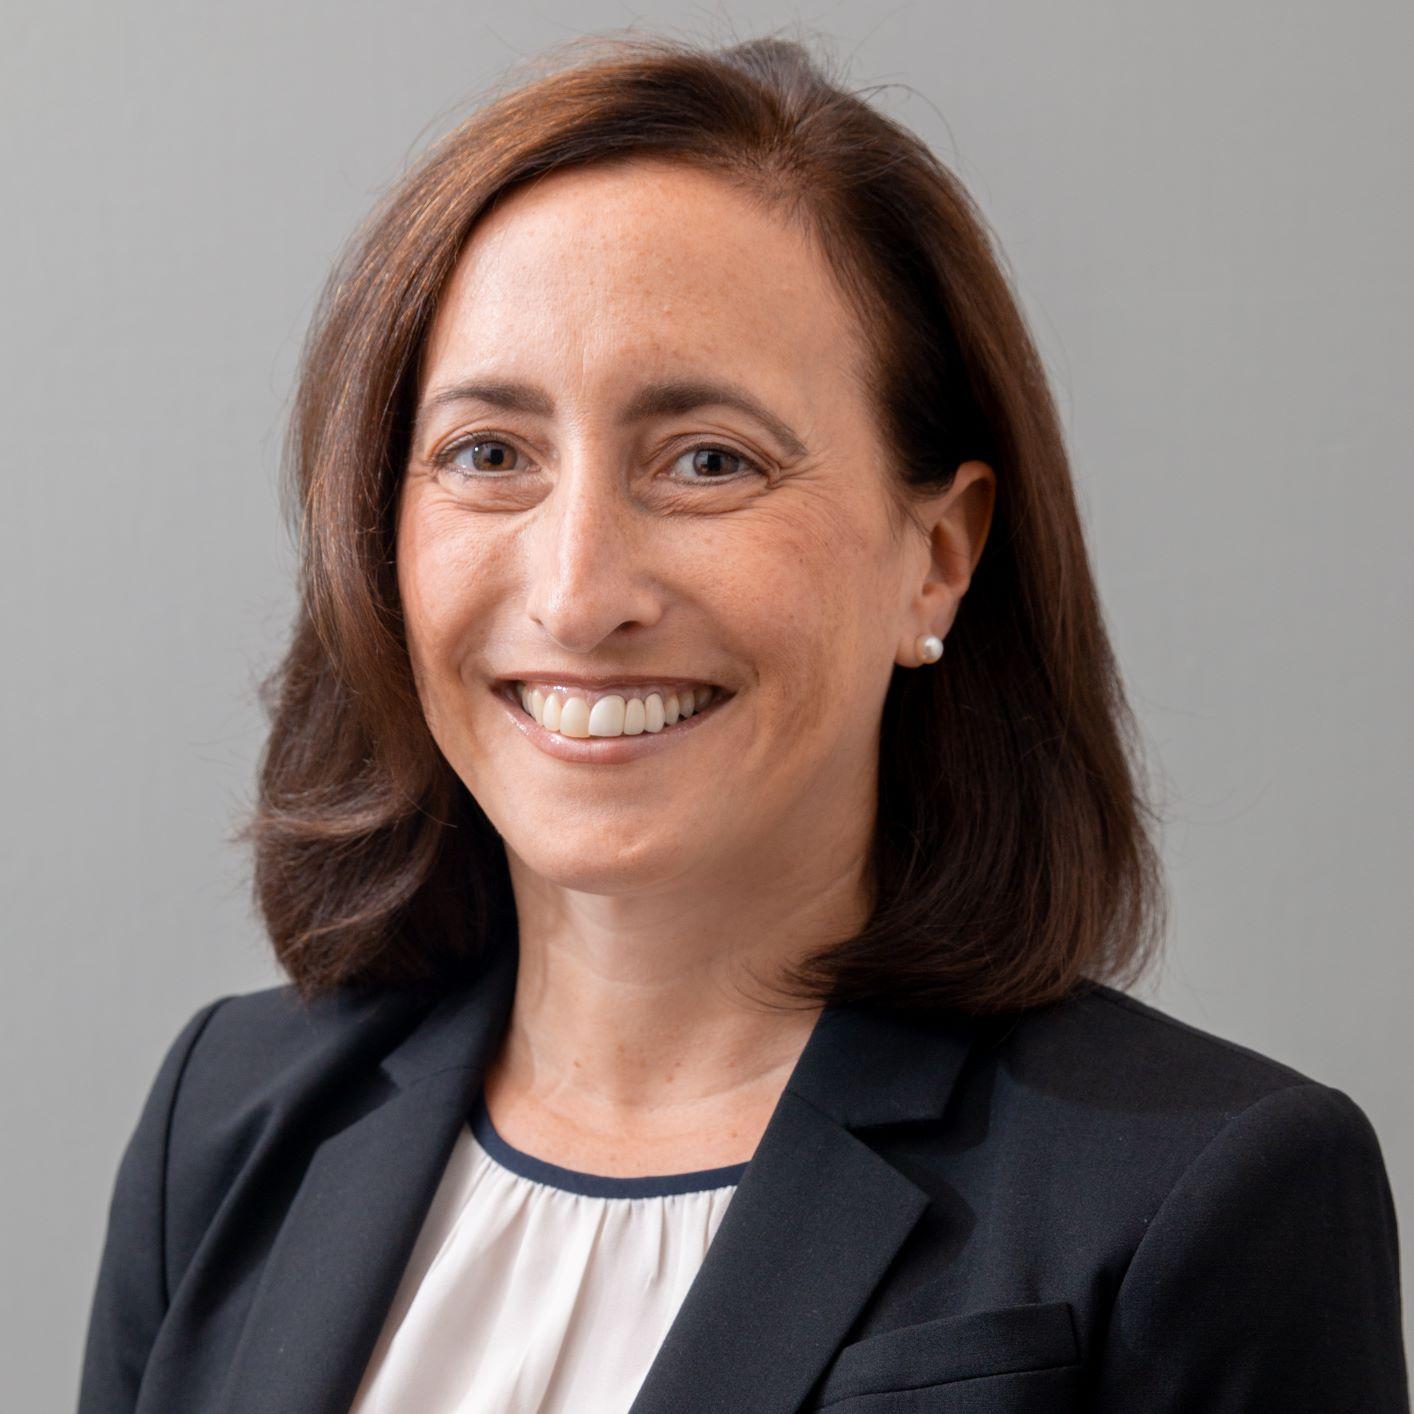 Joanne Favuzza